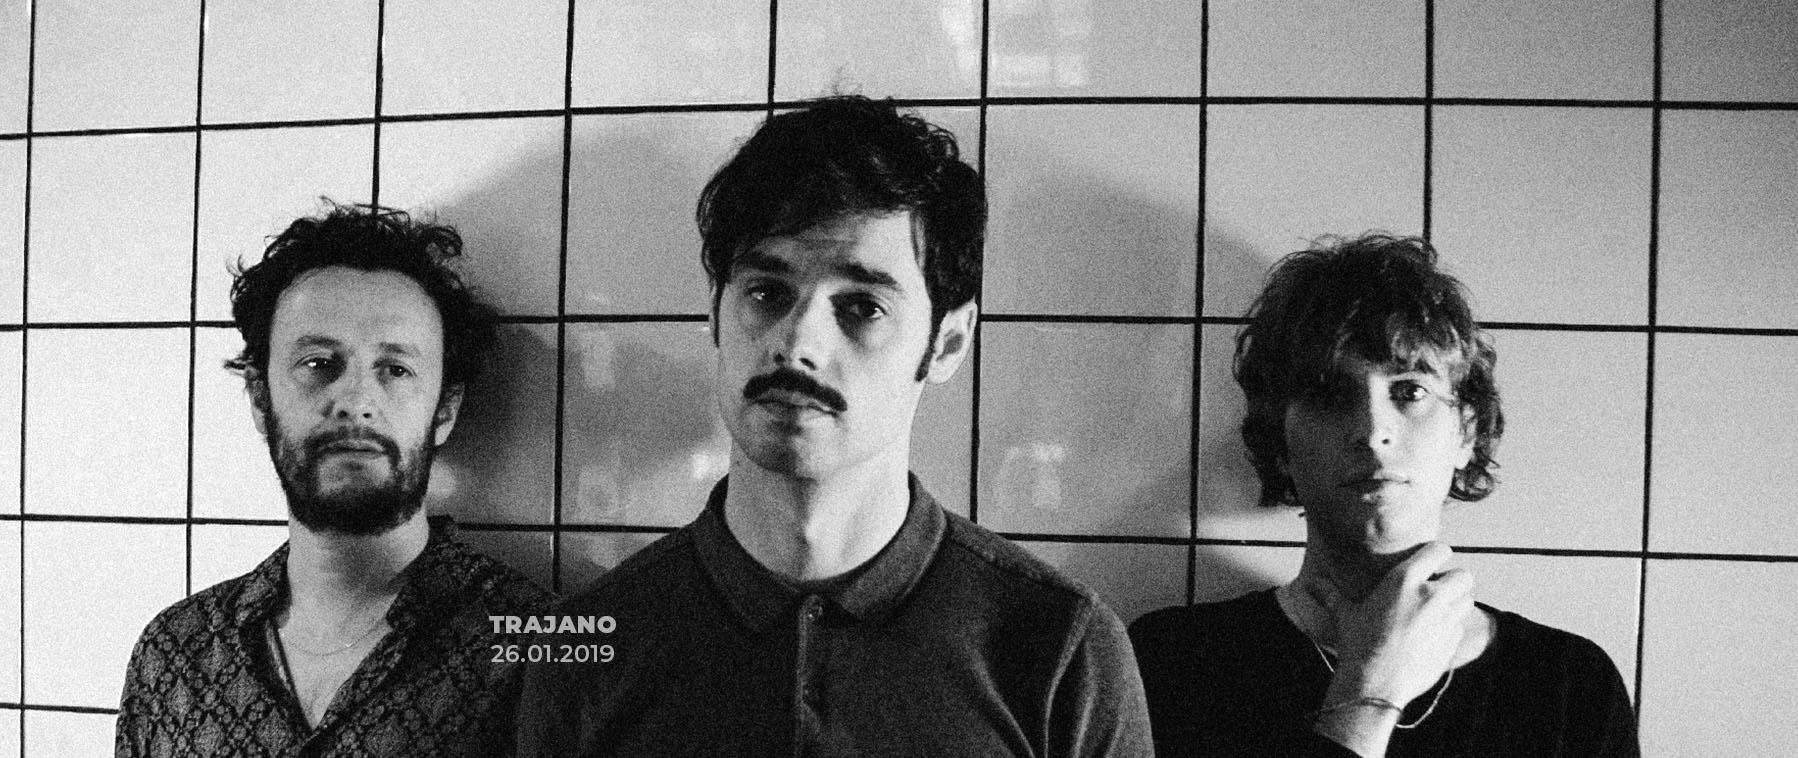 Trajano en concierto en Sidecar, 29-01-2019